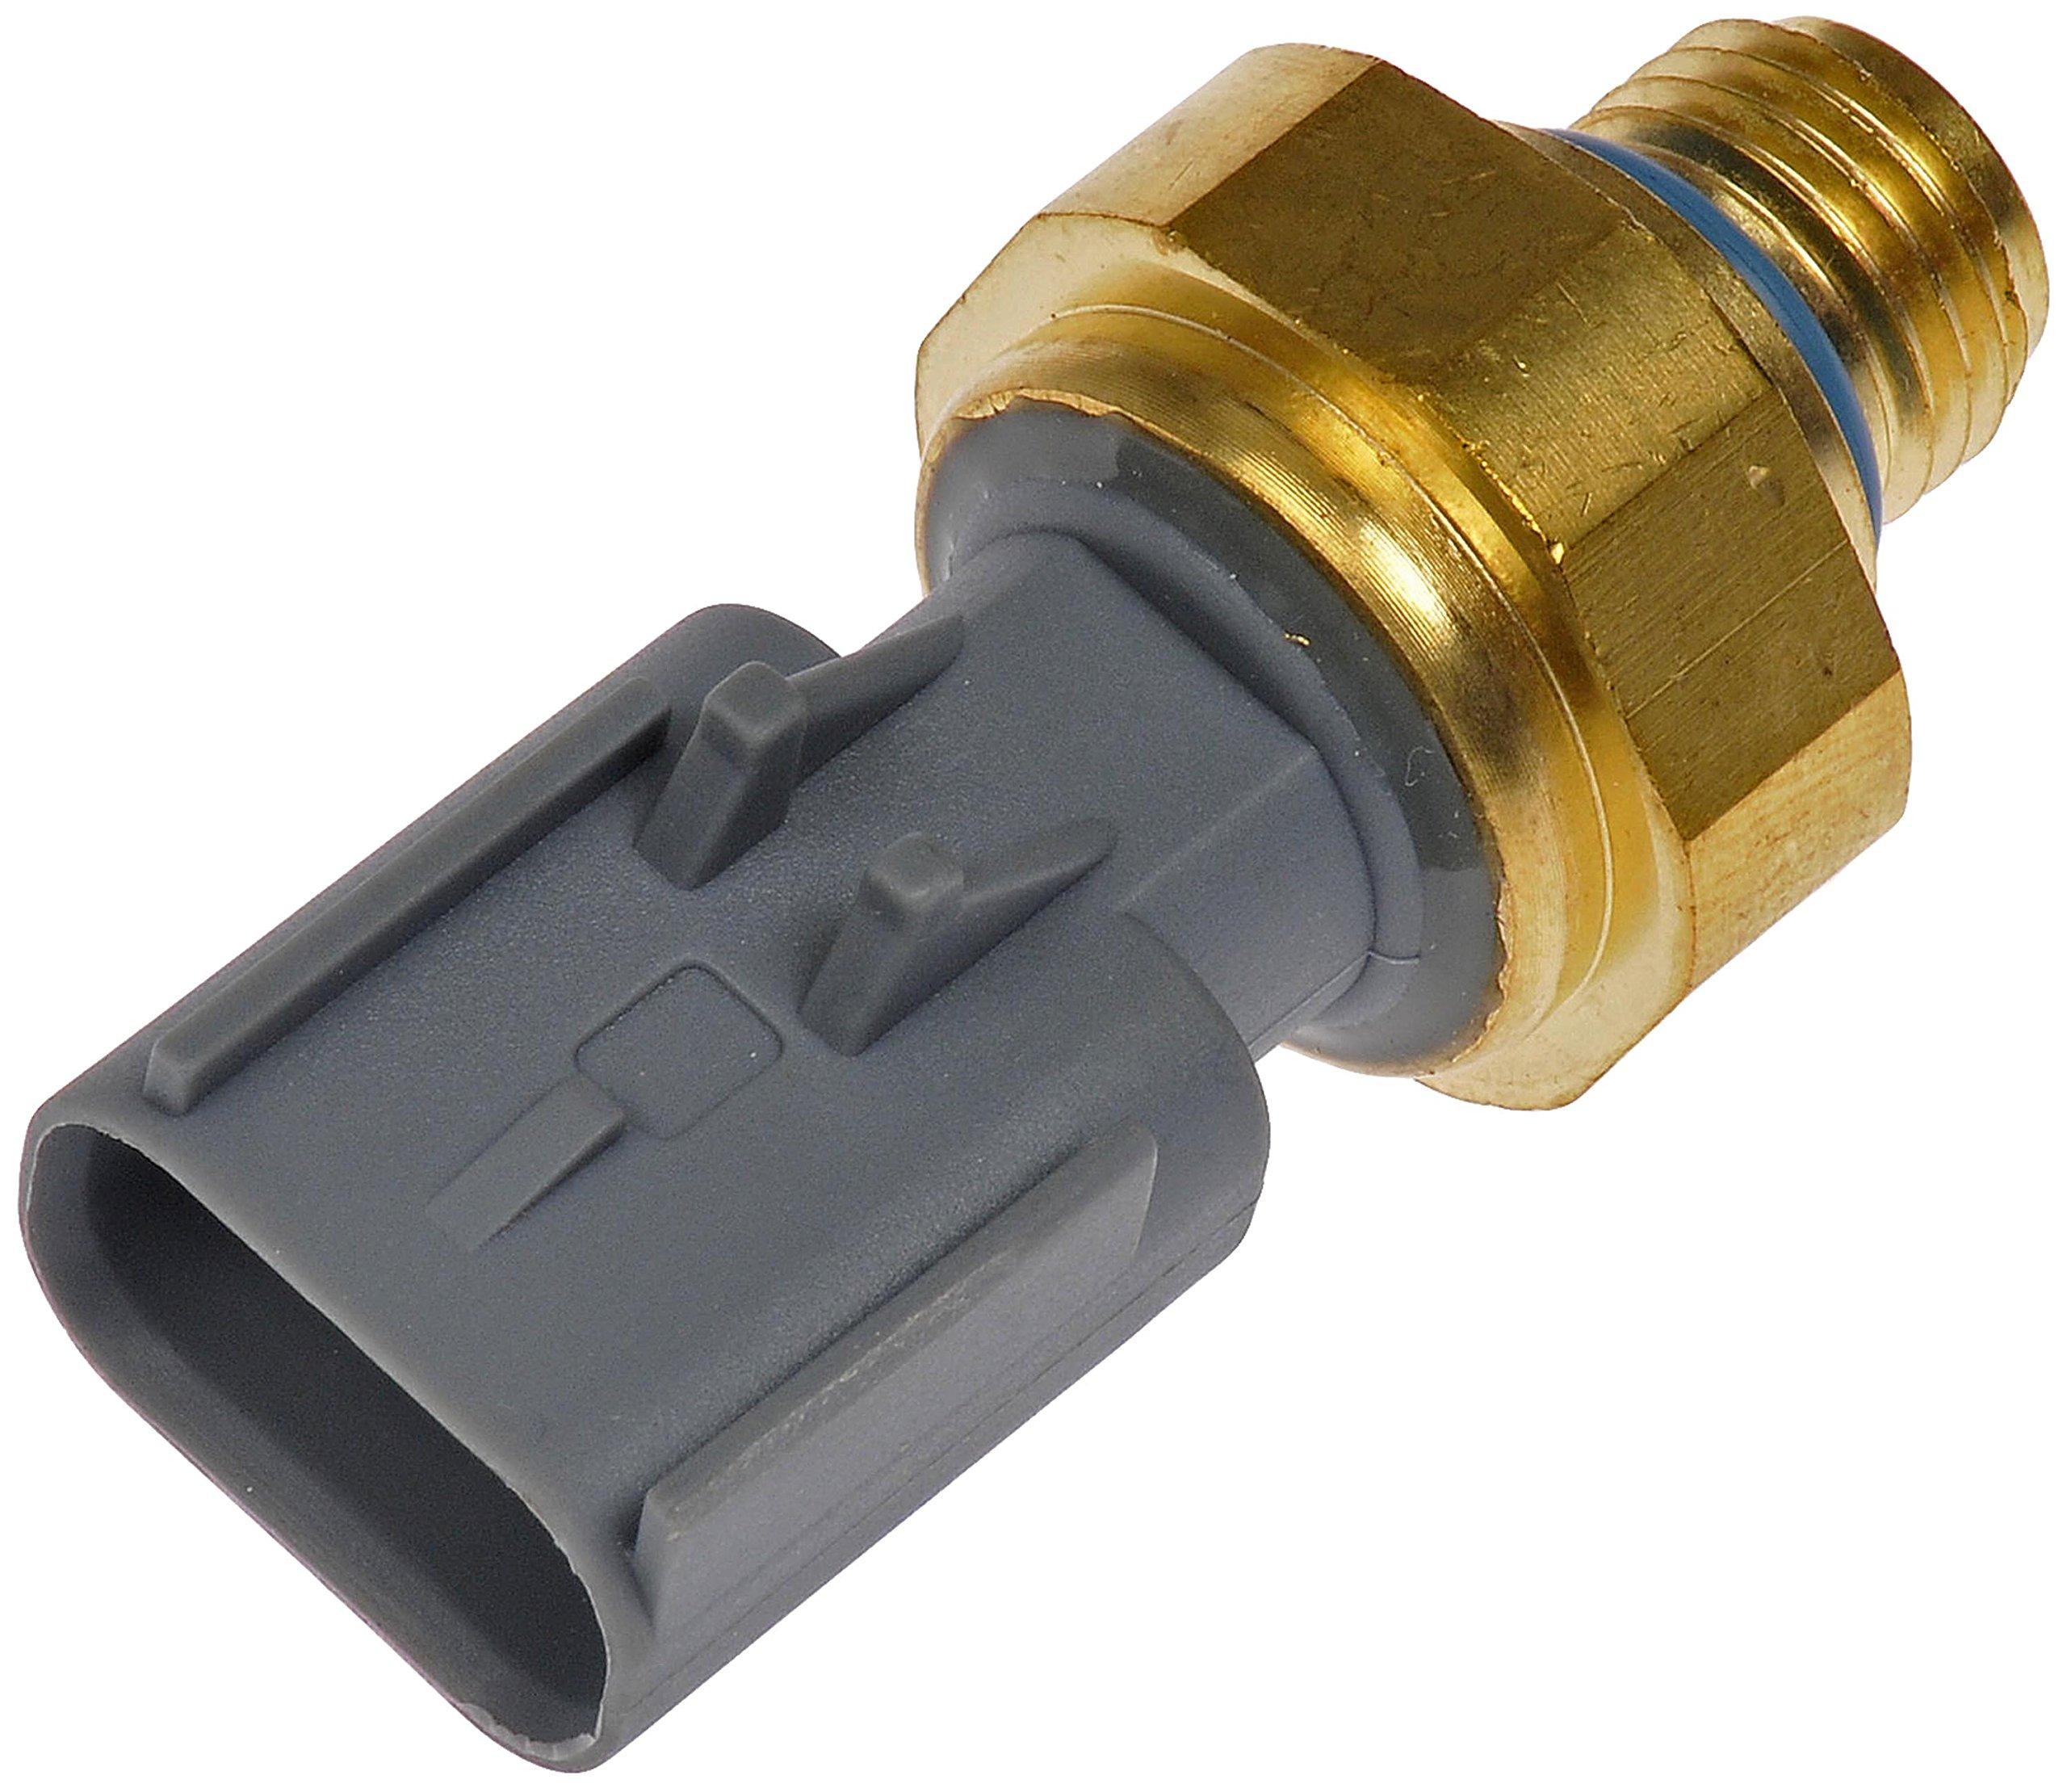 Dorman 904-5052 EGR Pressure Feedback Sensor for Select Trucks